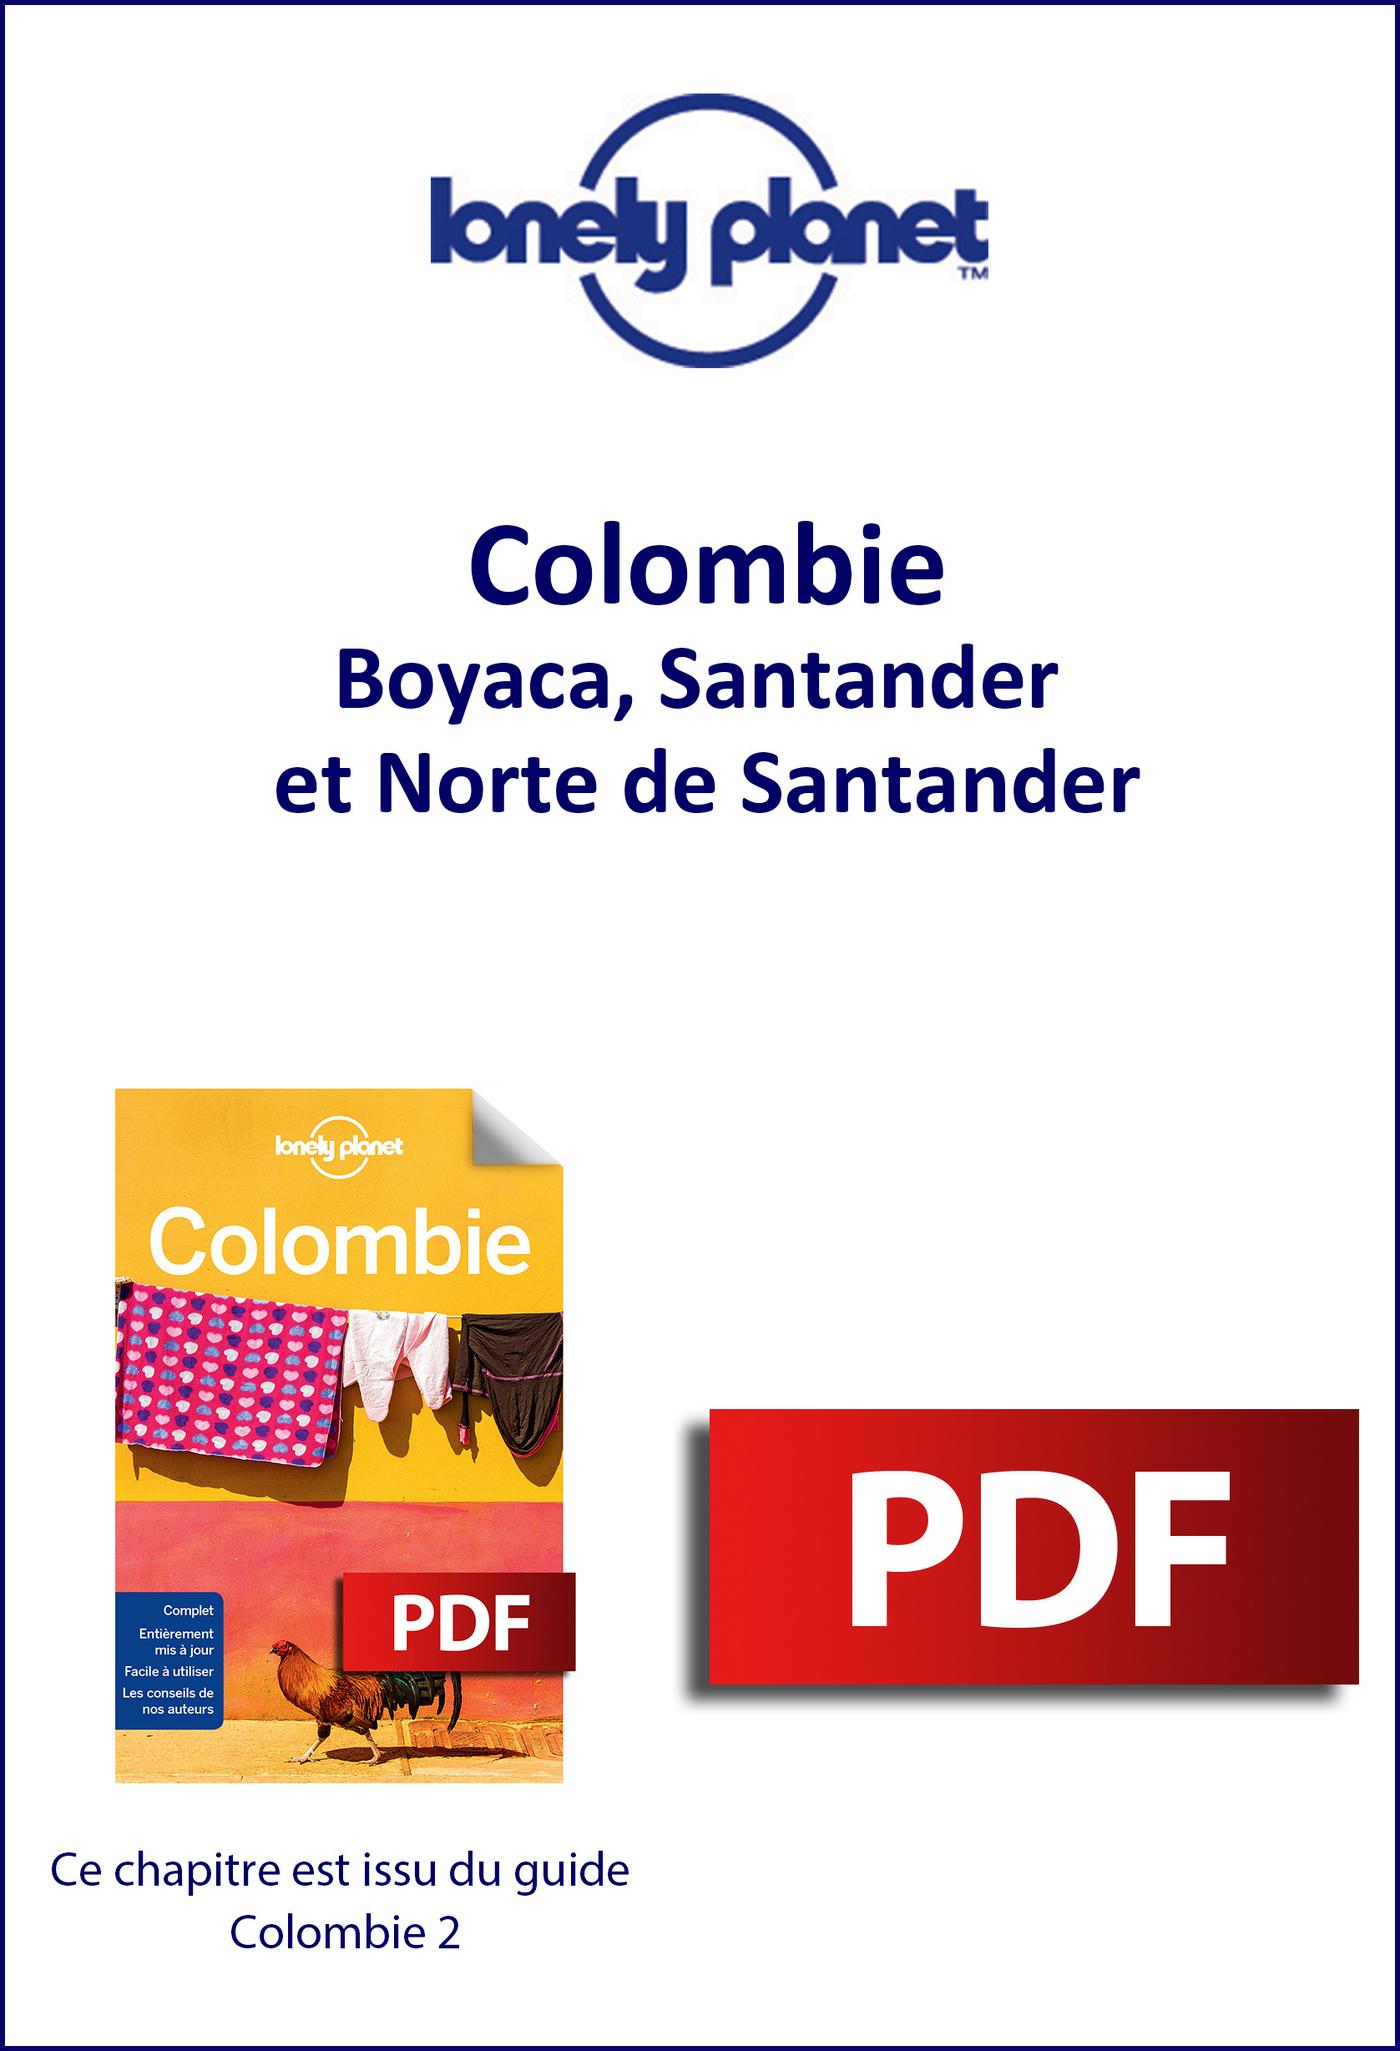 Colombie - Boyaca, Santander et Norte de Santander